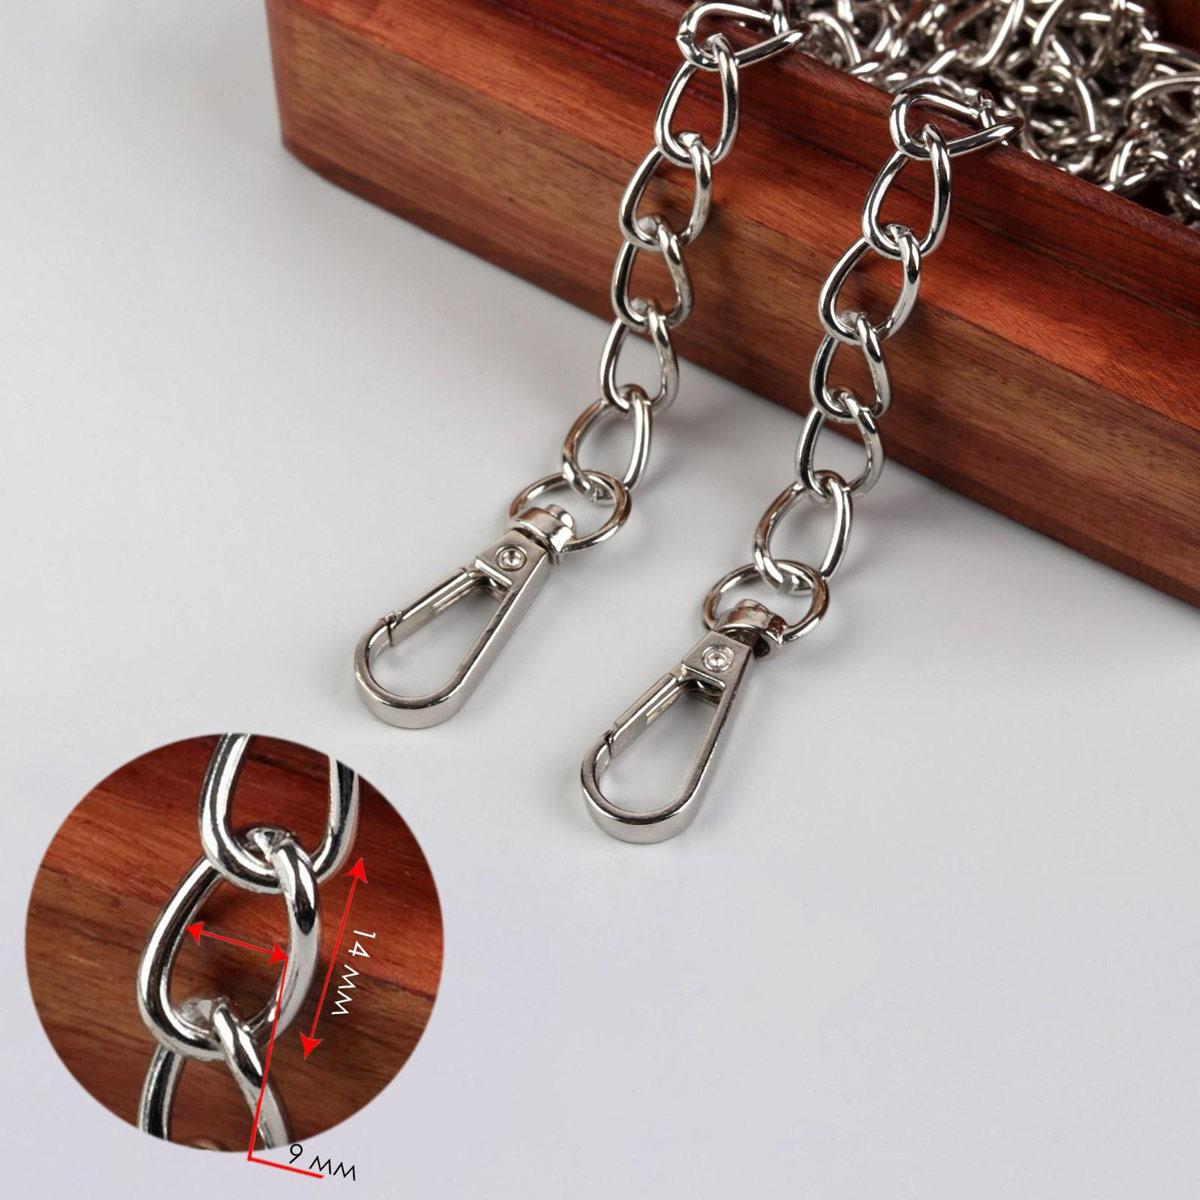 4336938 Цепочка для сумки с карабинами железо 120см 9*14мм серебряный